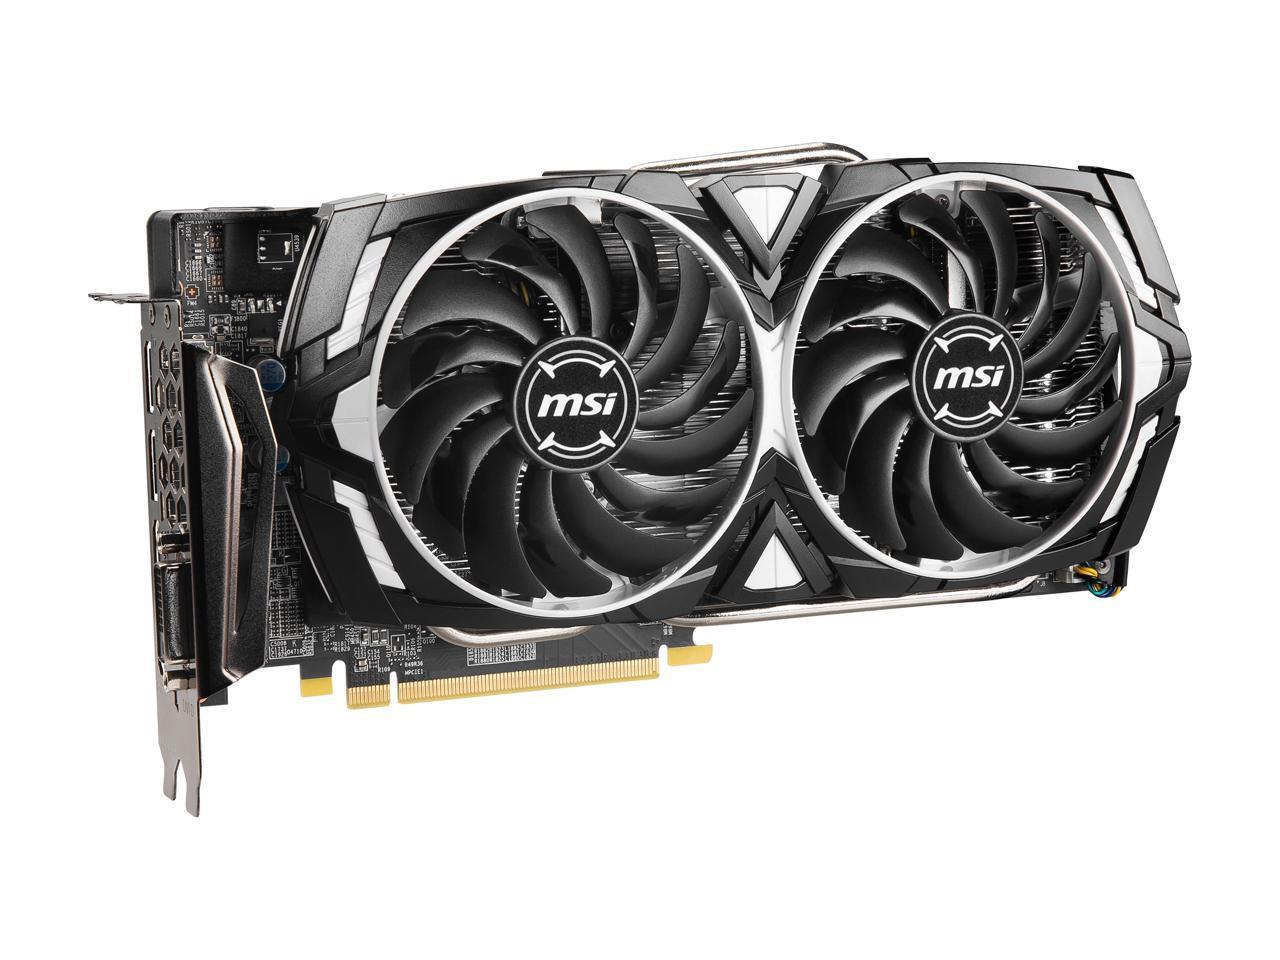 MSI Radeon RX 580 DirectX 12 RX 580 ARMOR 4G OC 4GB 256-Bit GDDR5 PCI Express x1